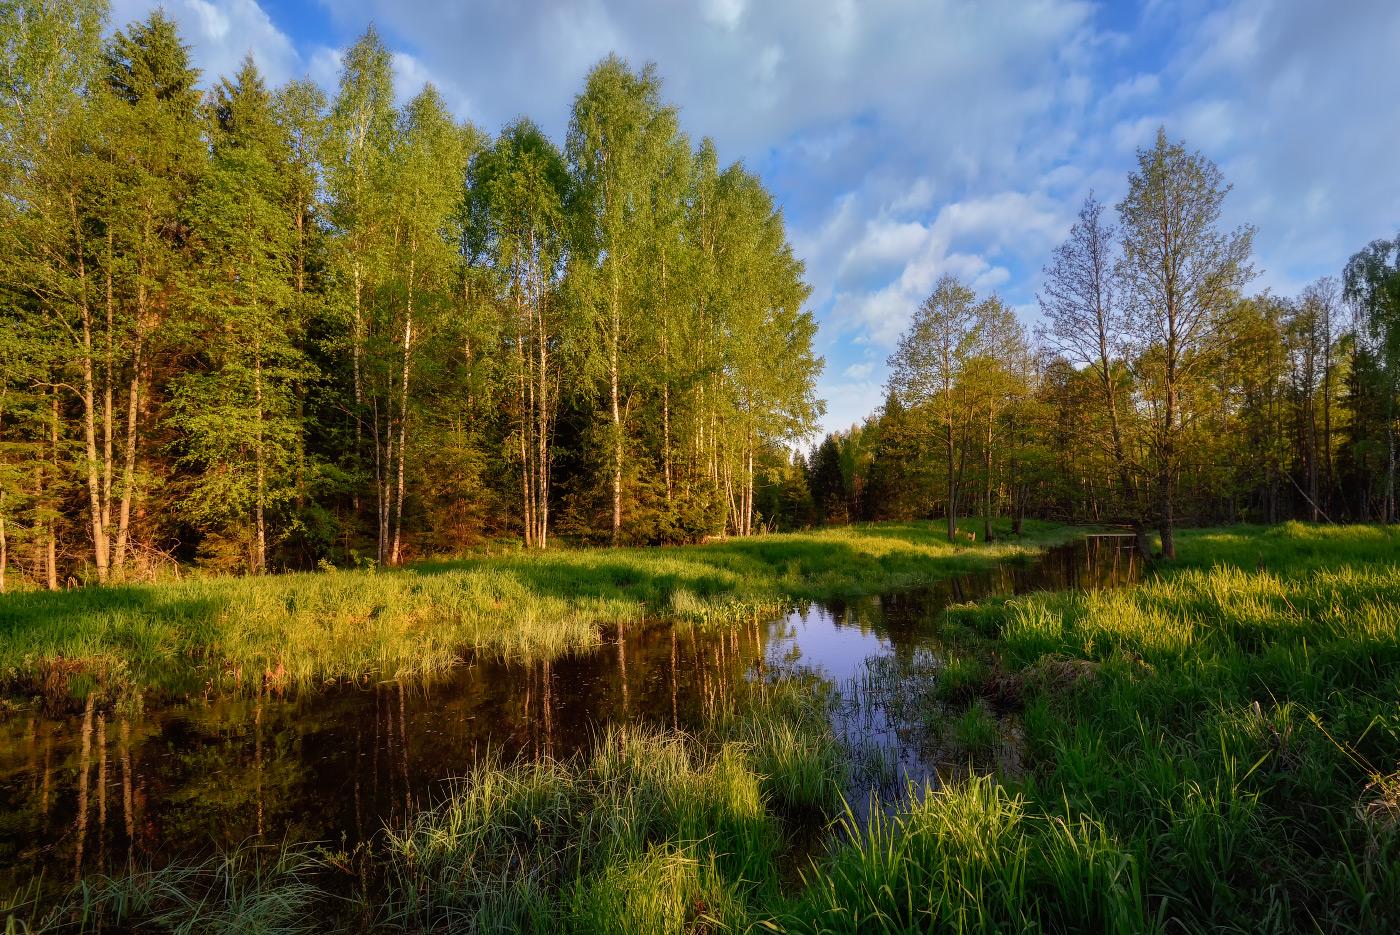 дерево фото весенних лесных пейзажей меня